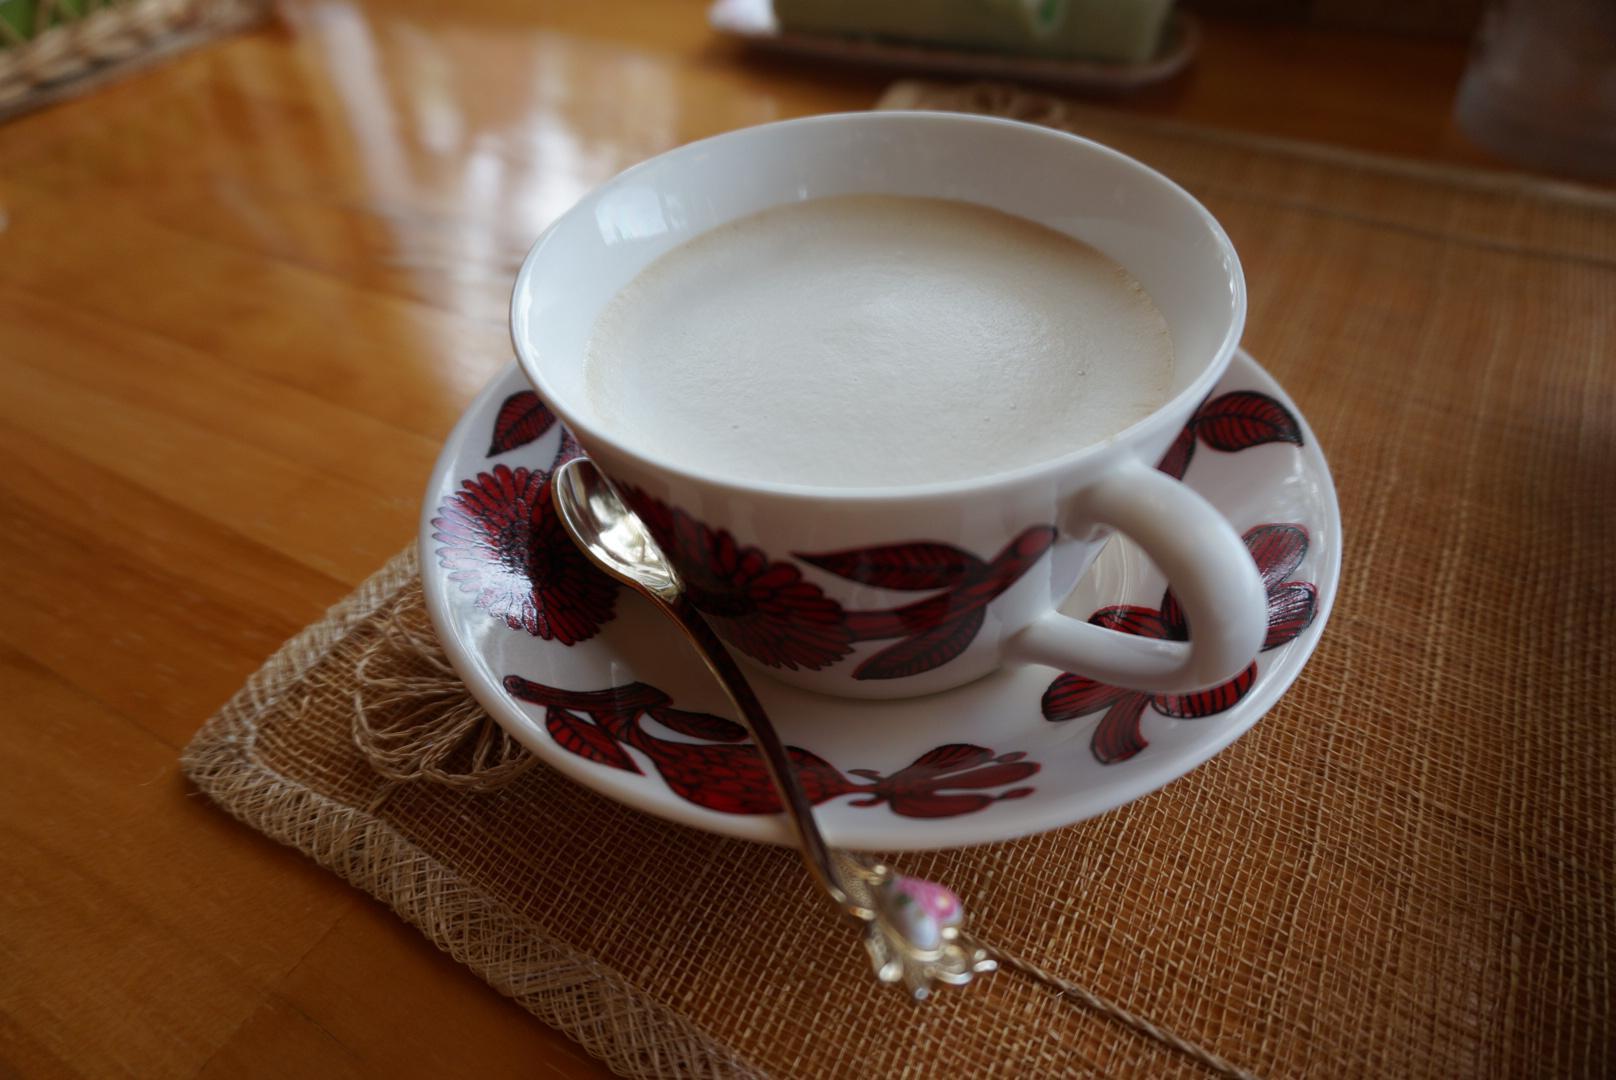 上品でおしゃれな柄のコーヒーカップ